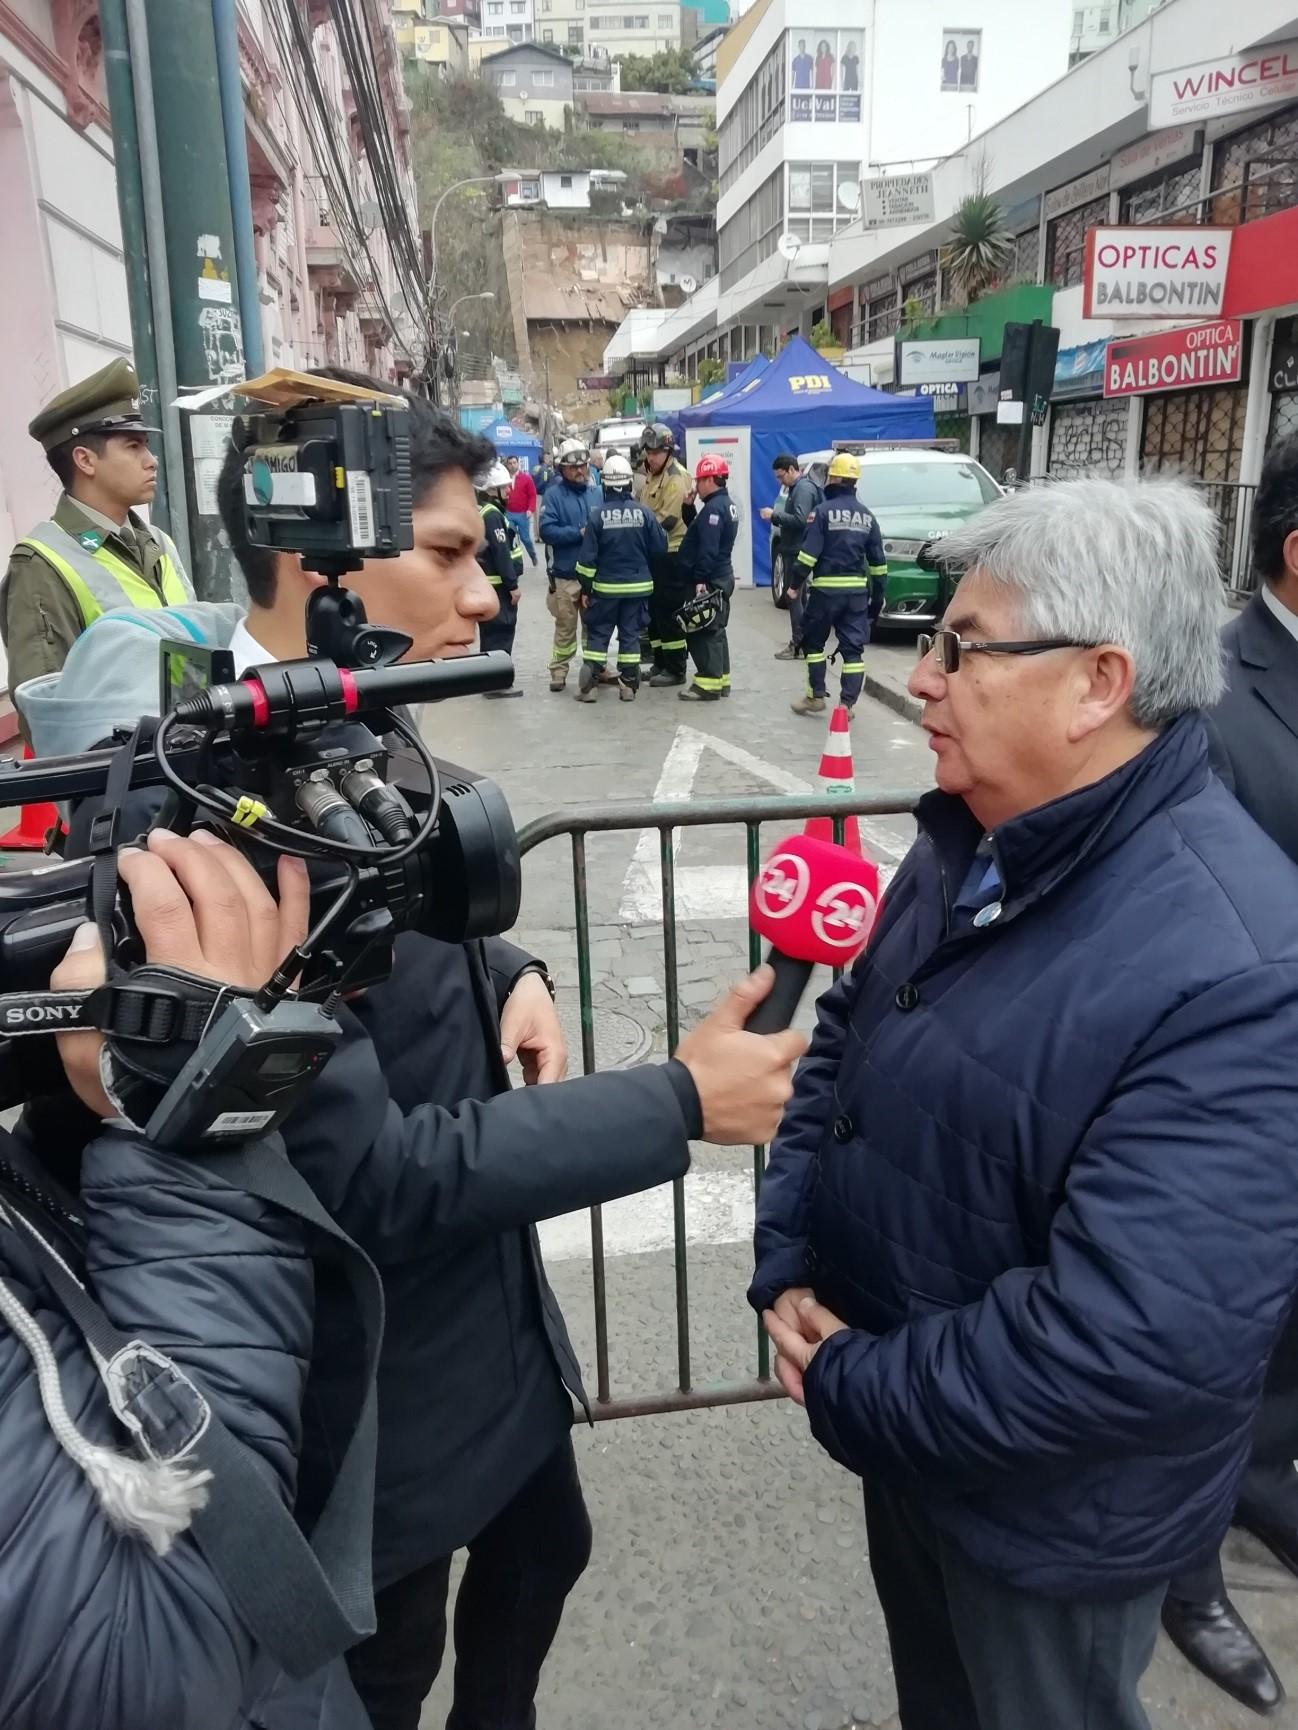 Participación de la Escuela C.C. en los medios informativos locales y nacionales.